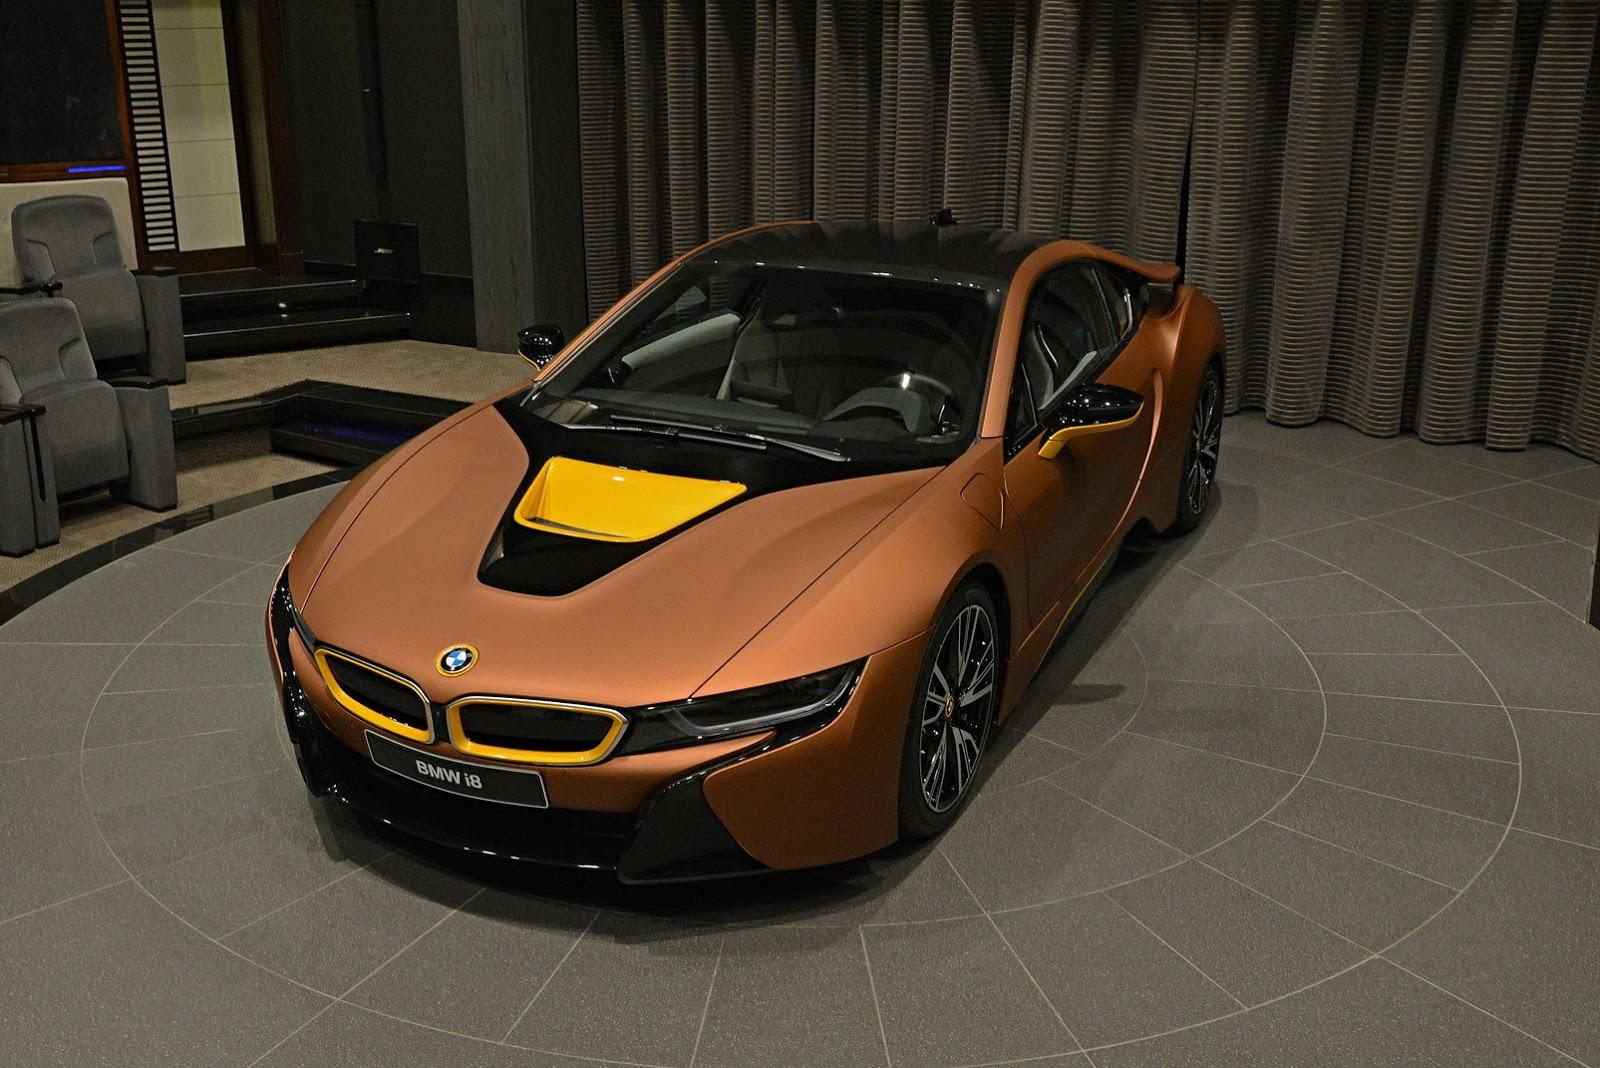 เผยโฉม Bmw I8 จากโชว์รูมใน Abi Dhabi สุดสวยงาม รถใหม่